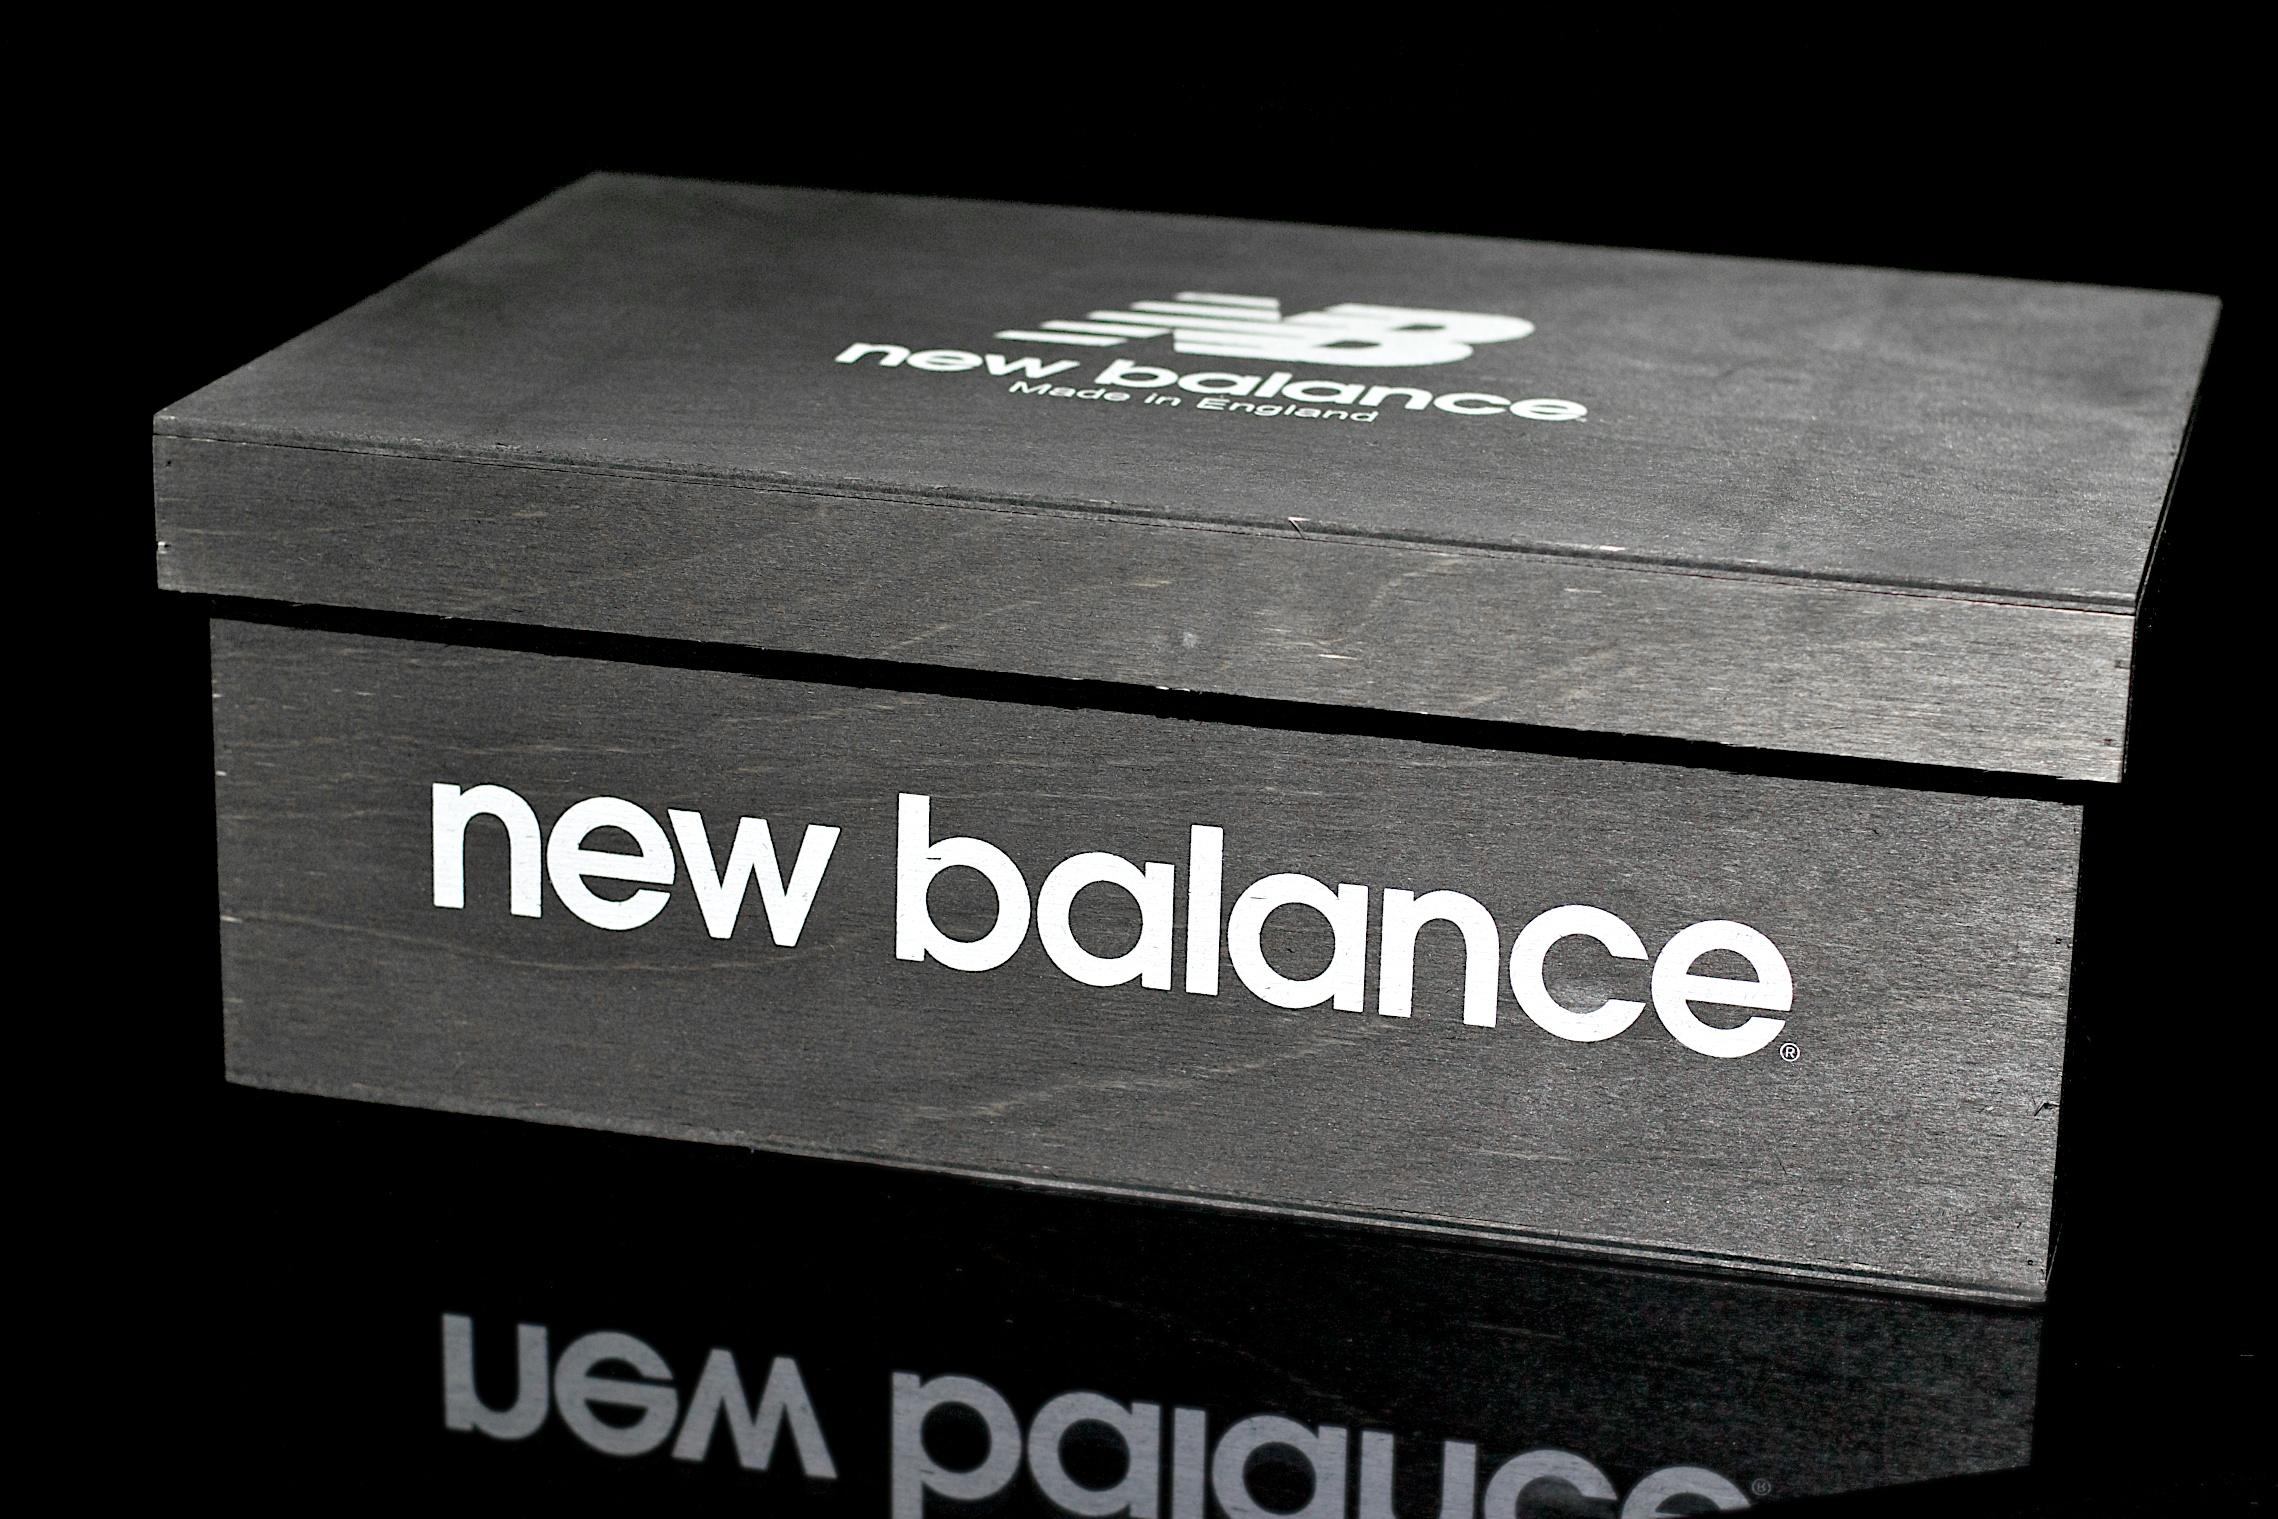 New Balance Wallpaper